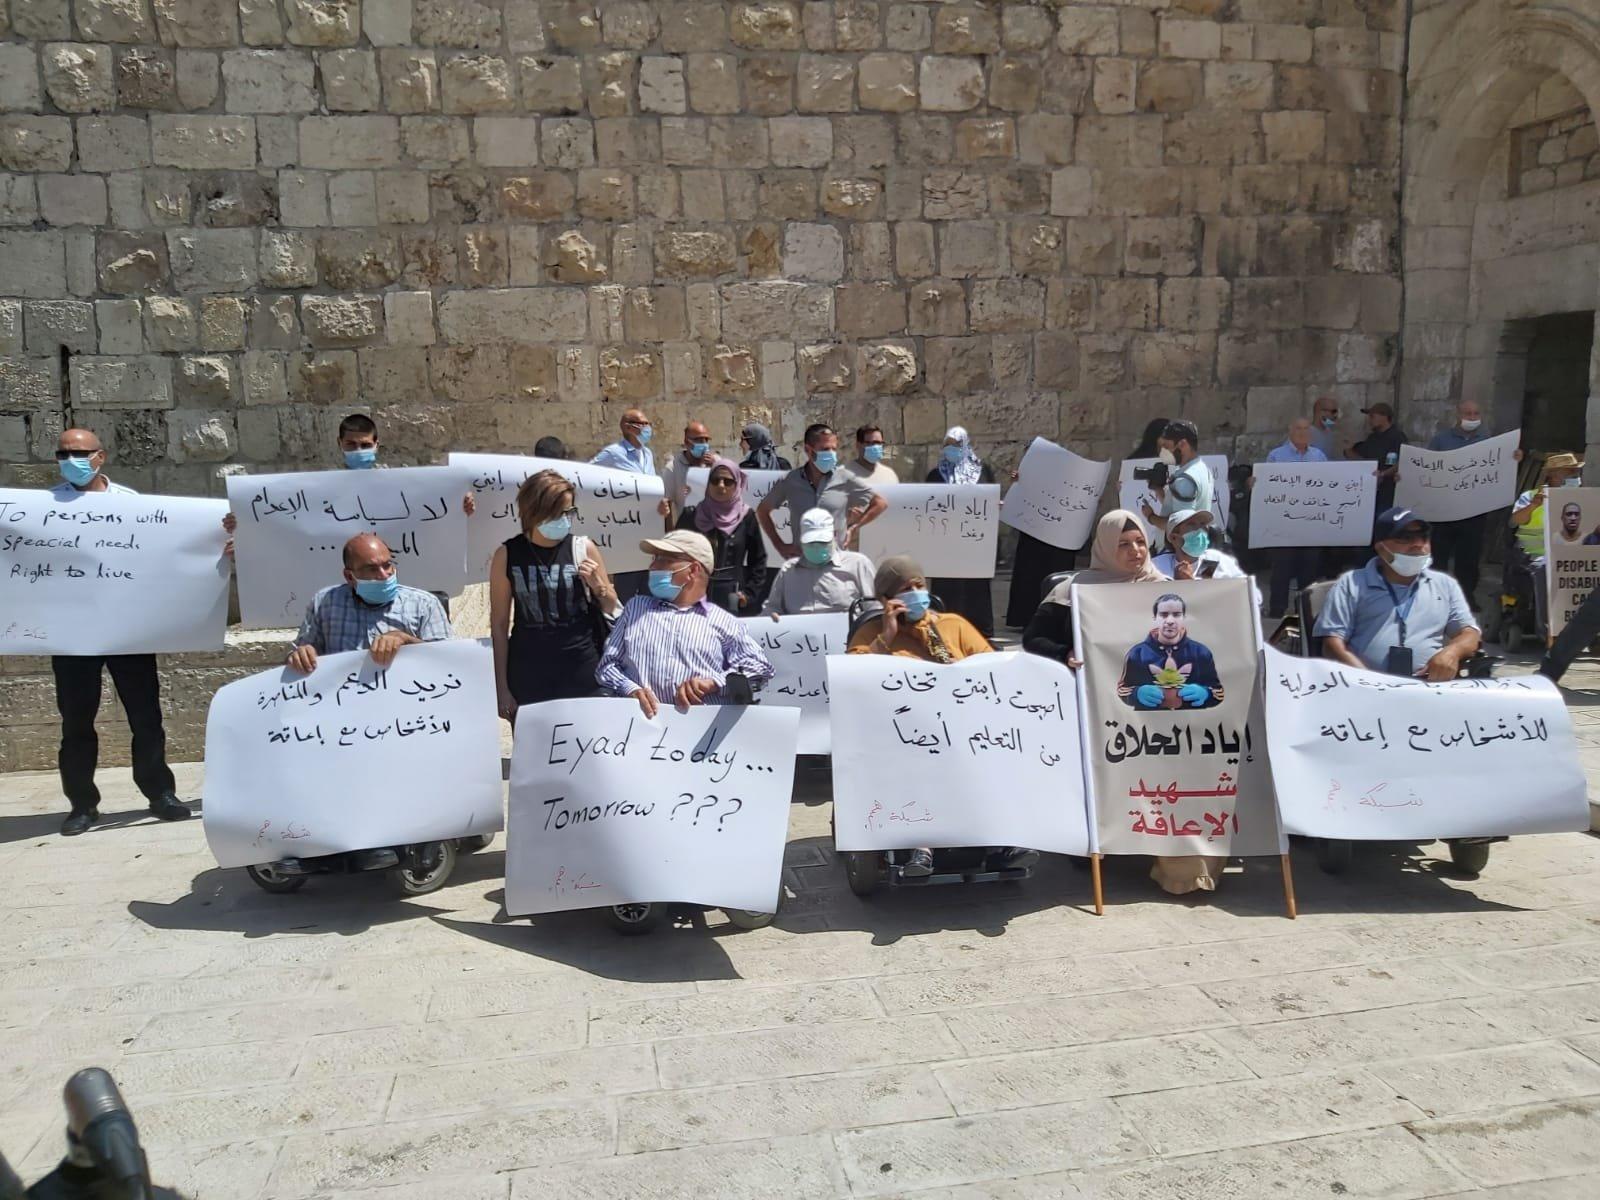 القدس: وقفة احتجاجية تنديدا بقتل الشاب اياد الحلاق-0